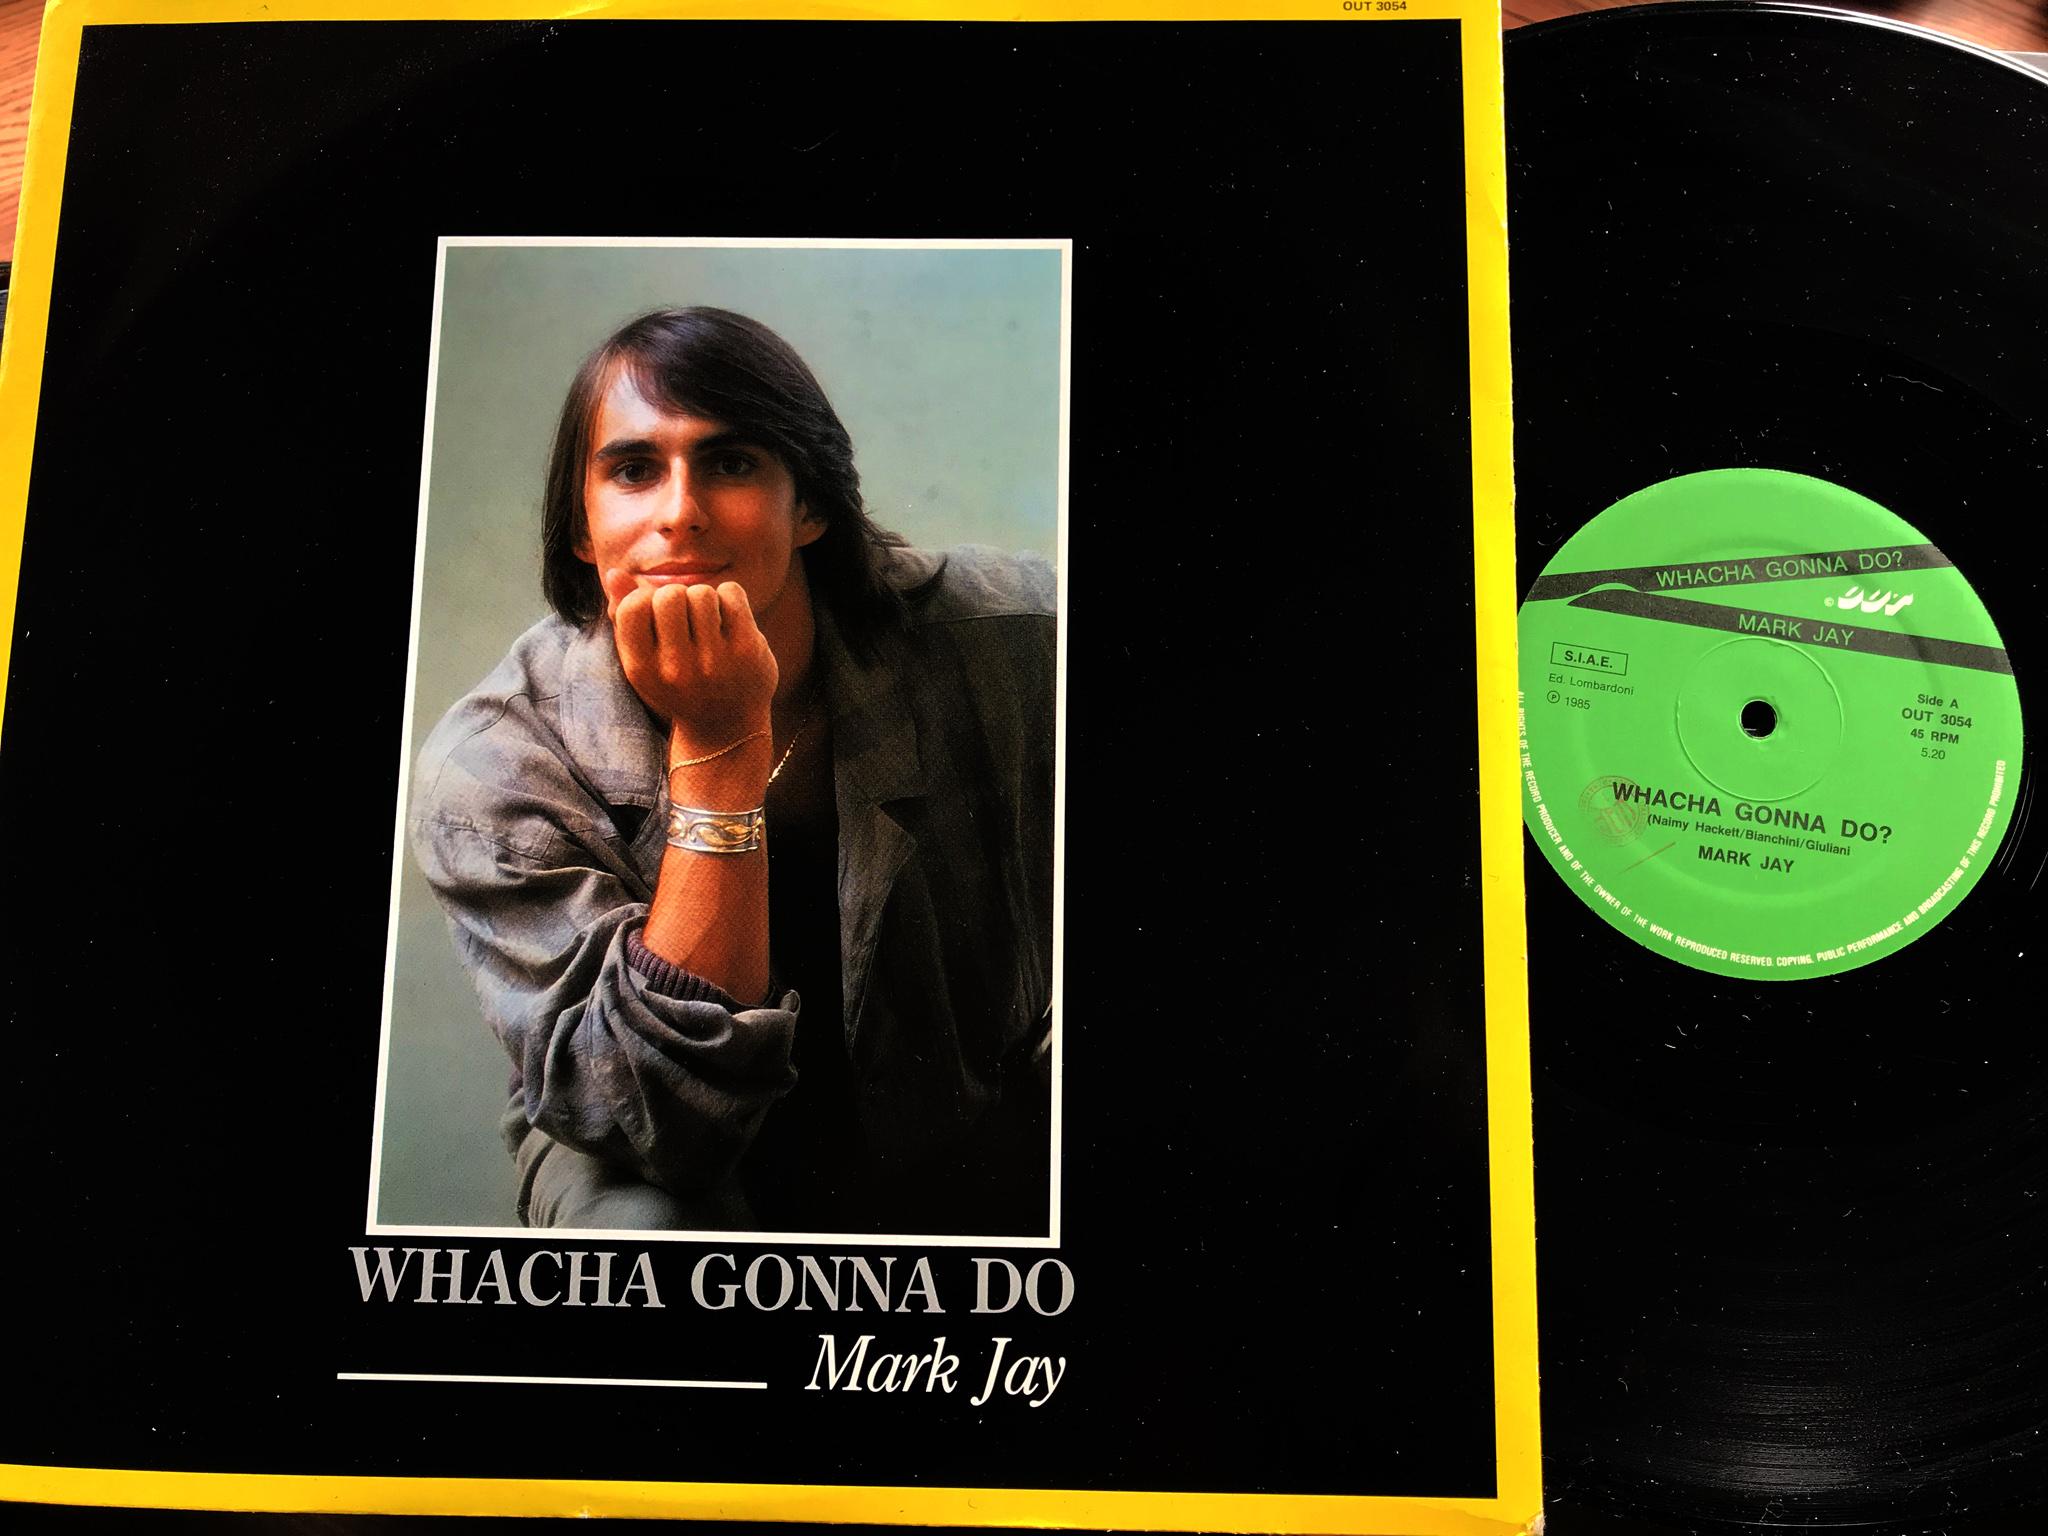 Mark Jay - Whacha Gonna Do